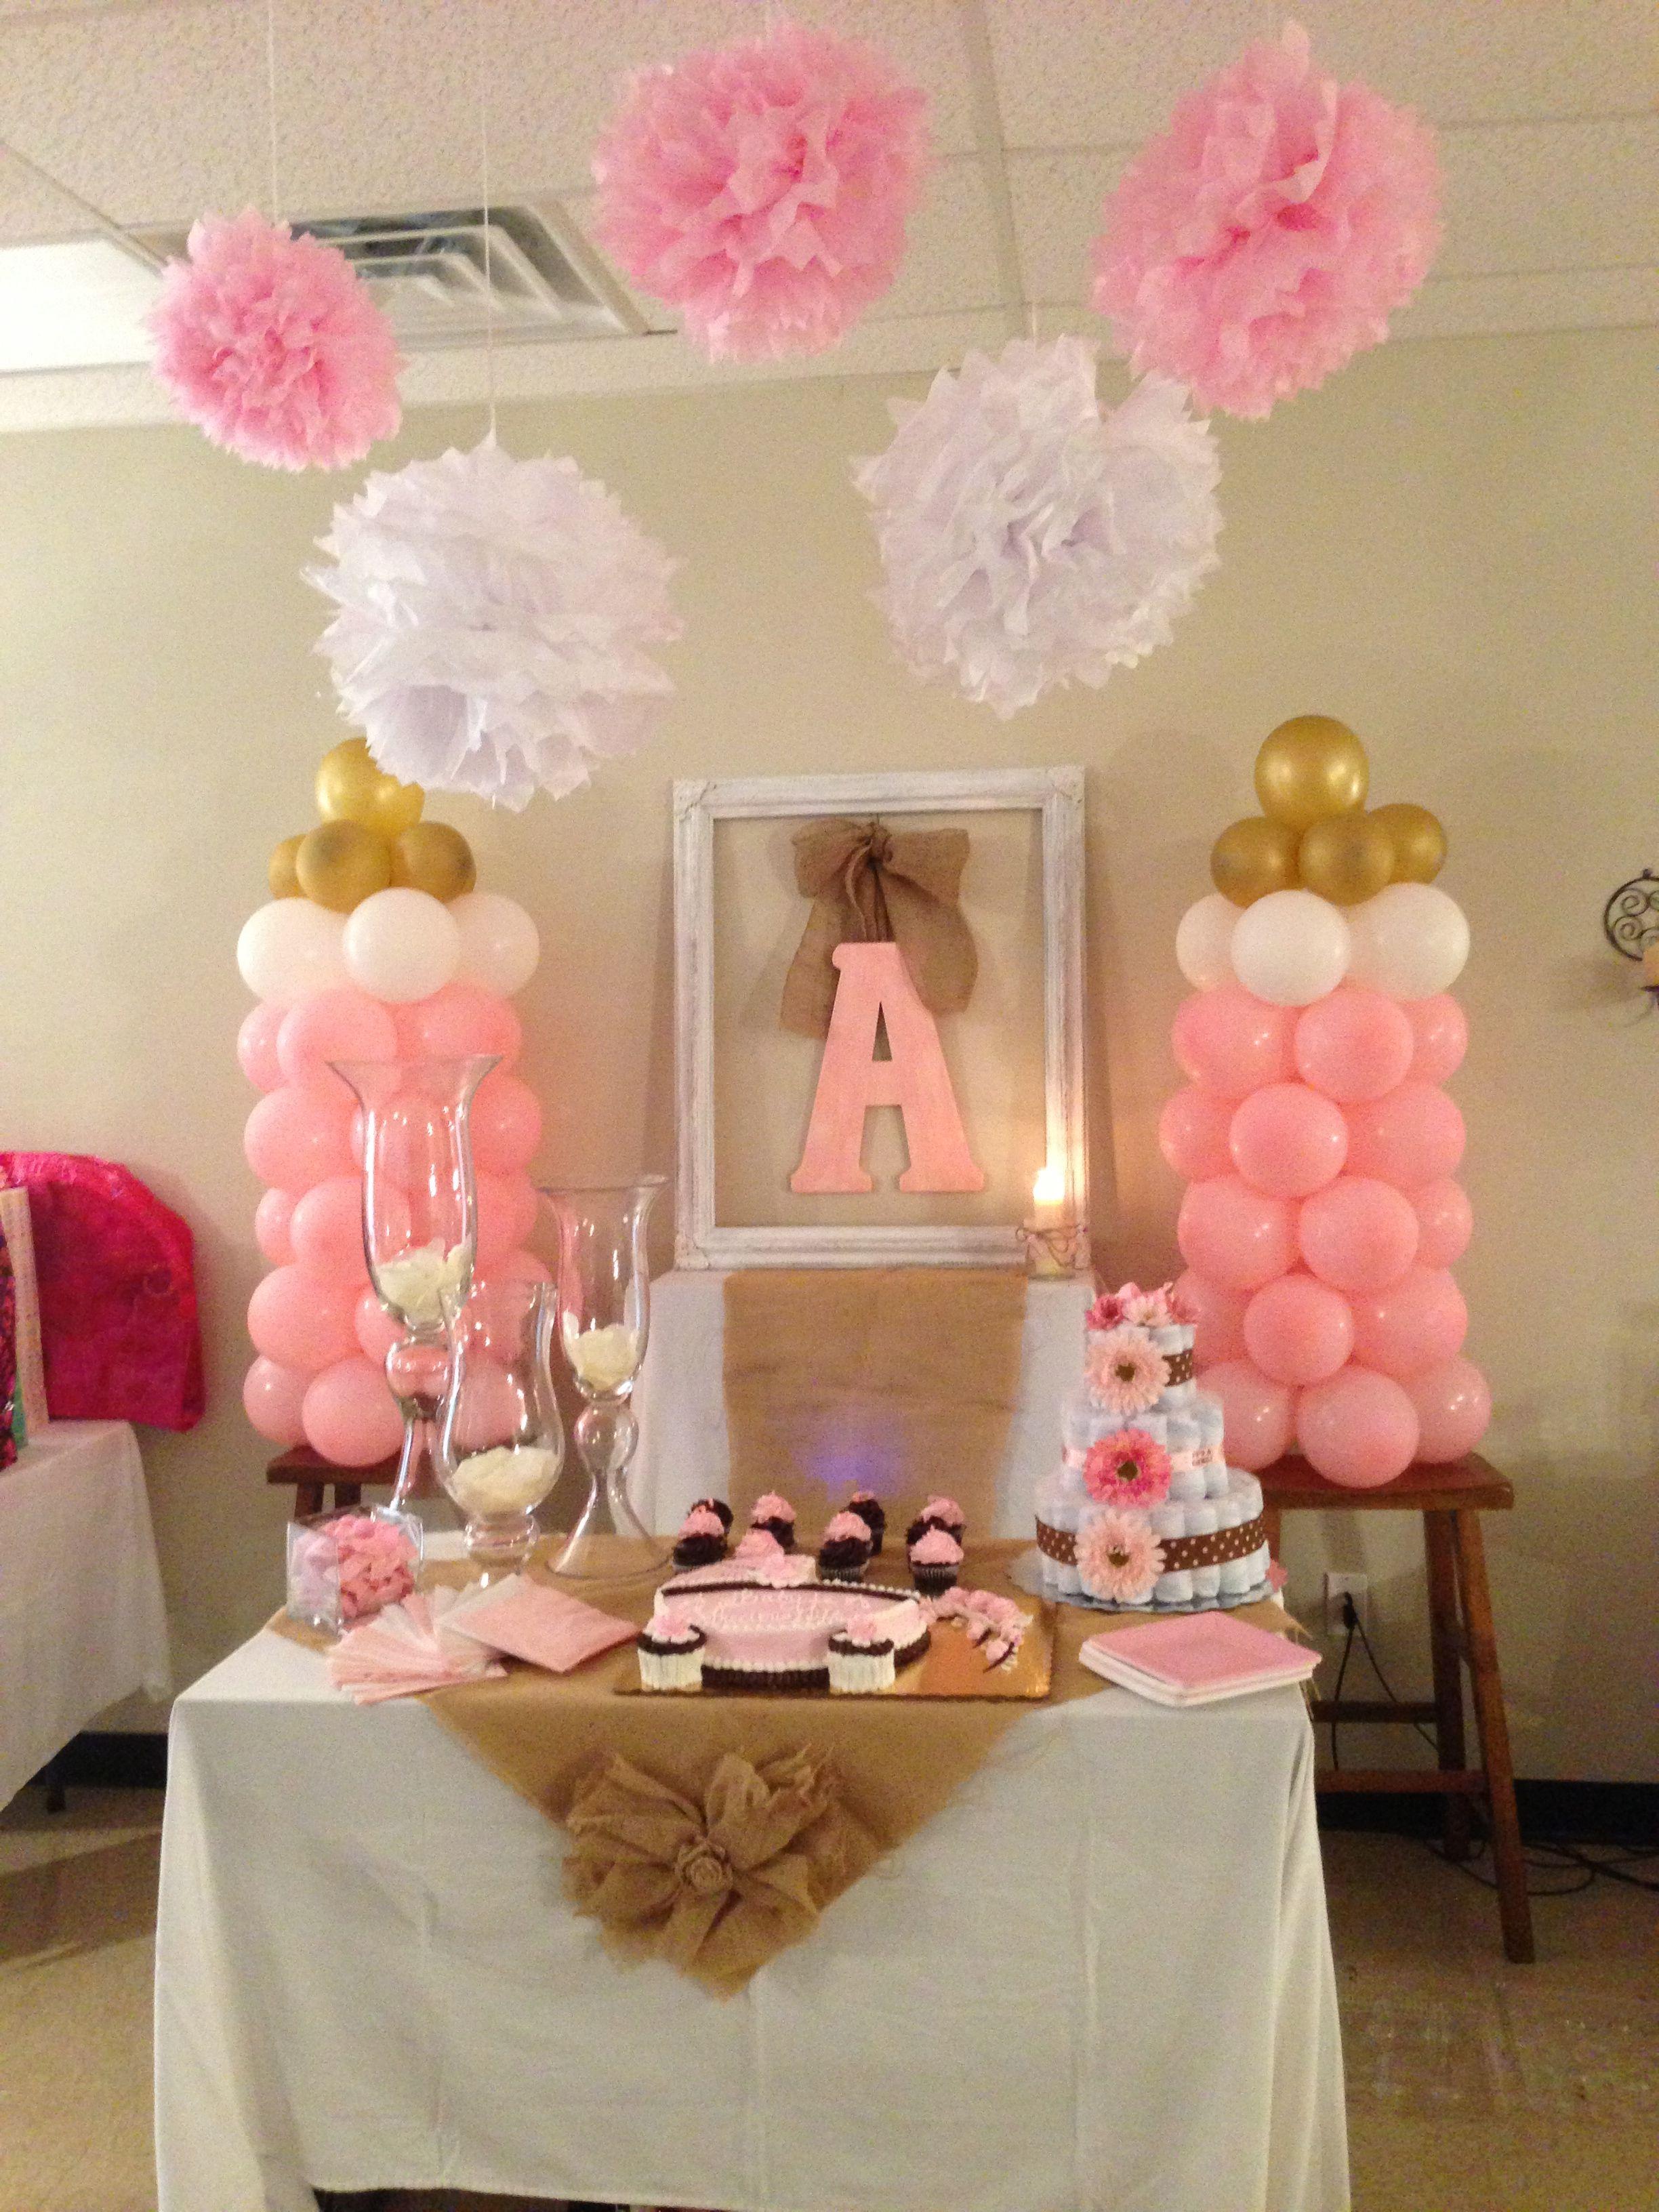 Decoracion De Baby Shower Niña : decoracion, shower, niña, Shower, Decorations, Decorations,, Centerpieces